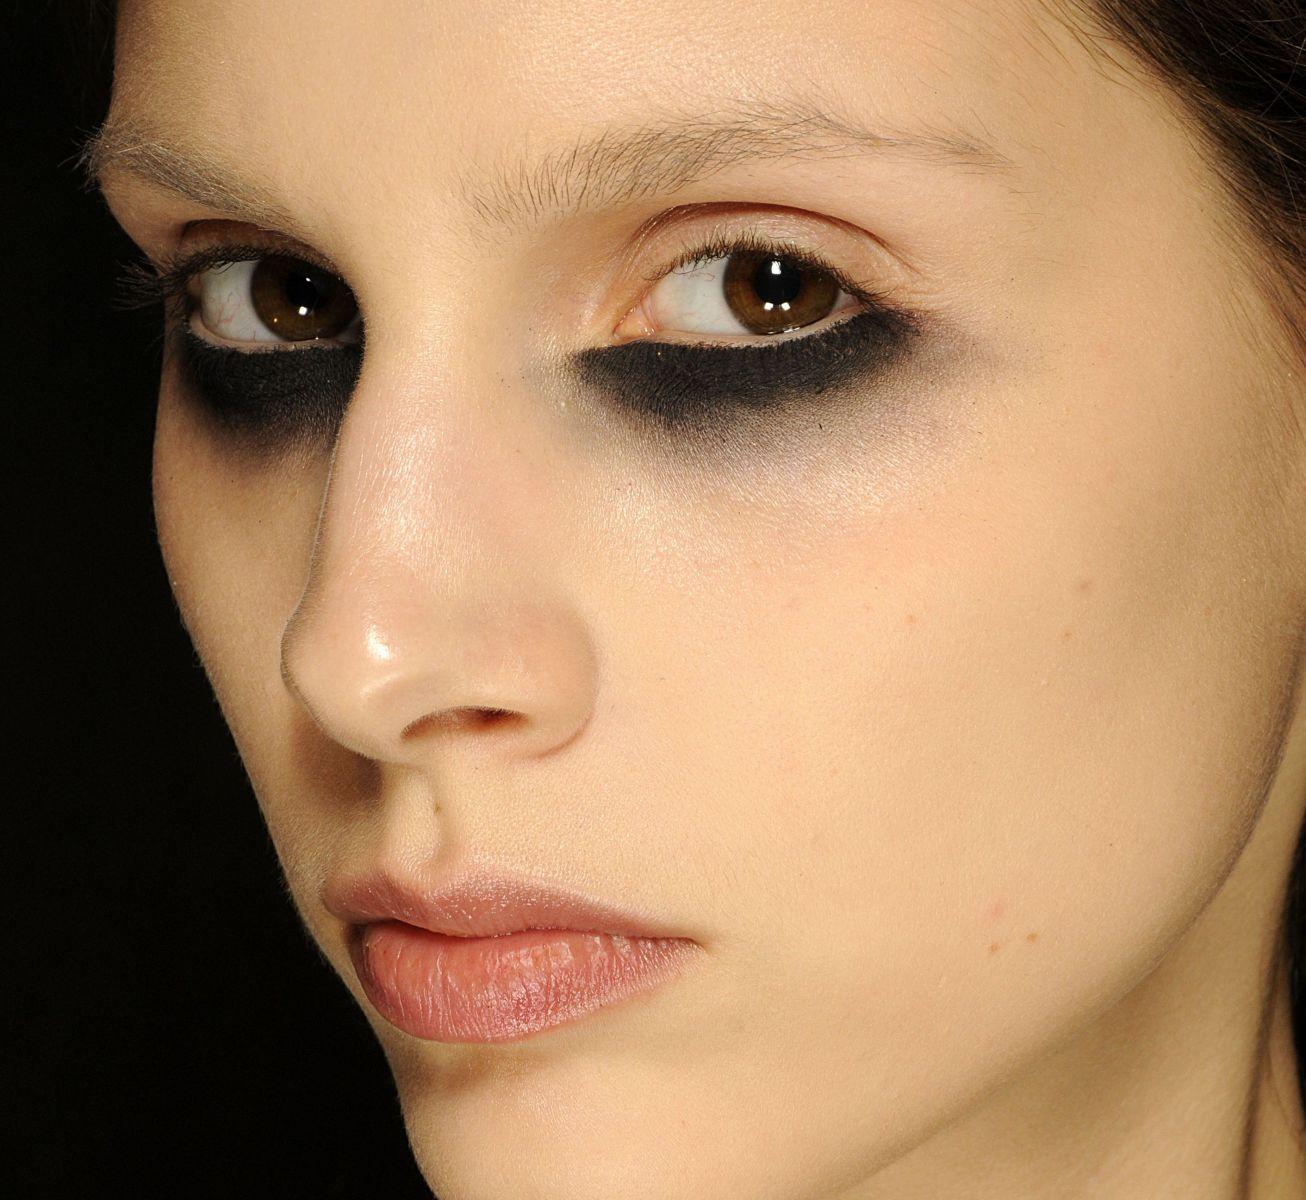 макияж на вечеринку 2013